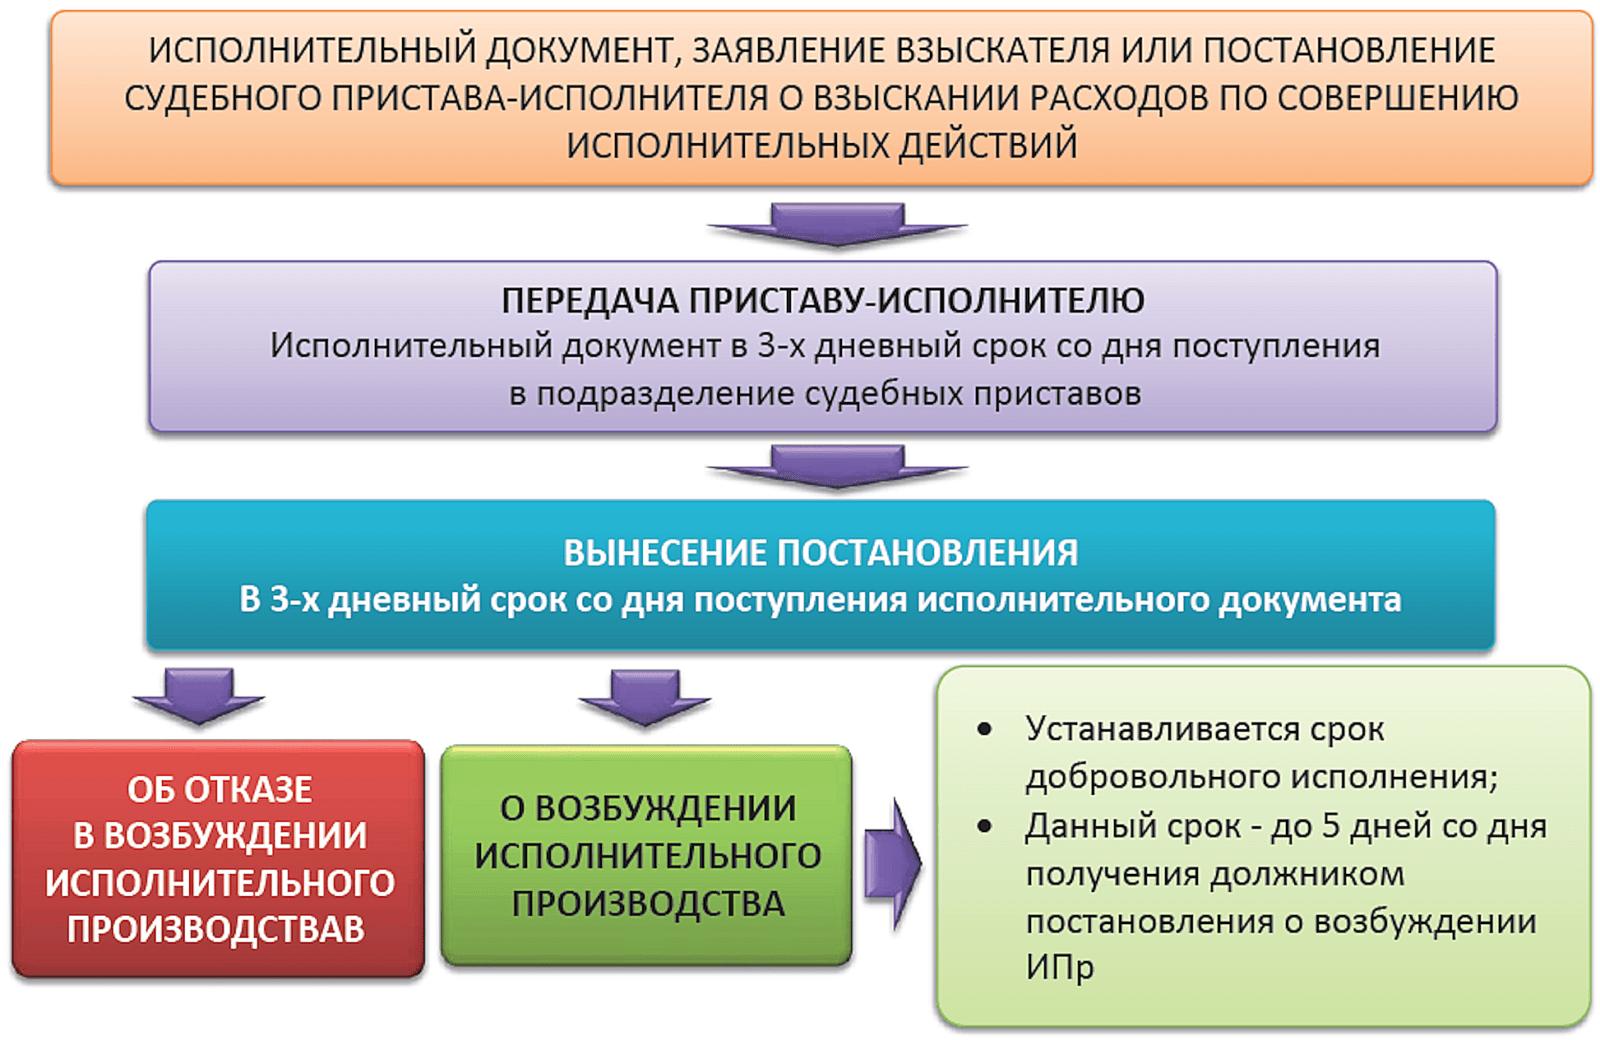 схема исполнительного производства